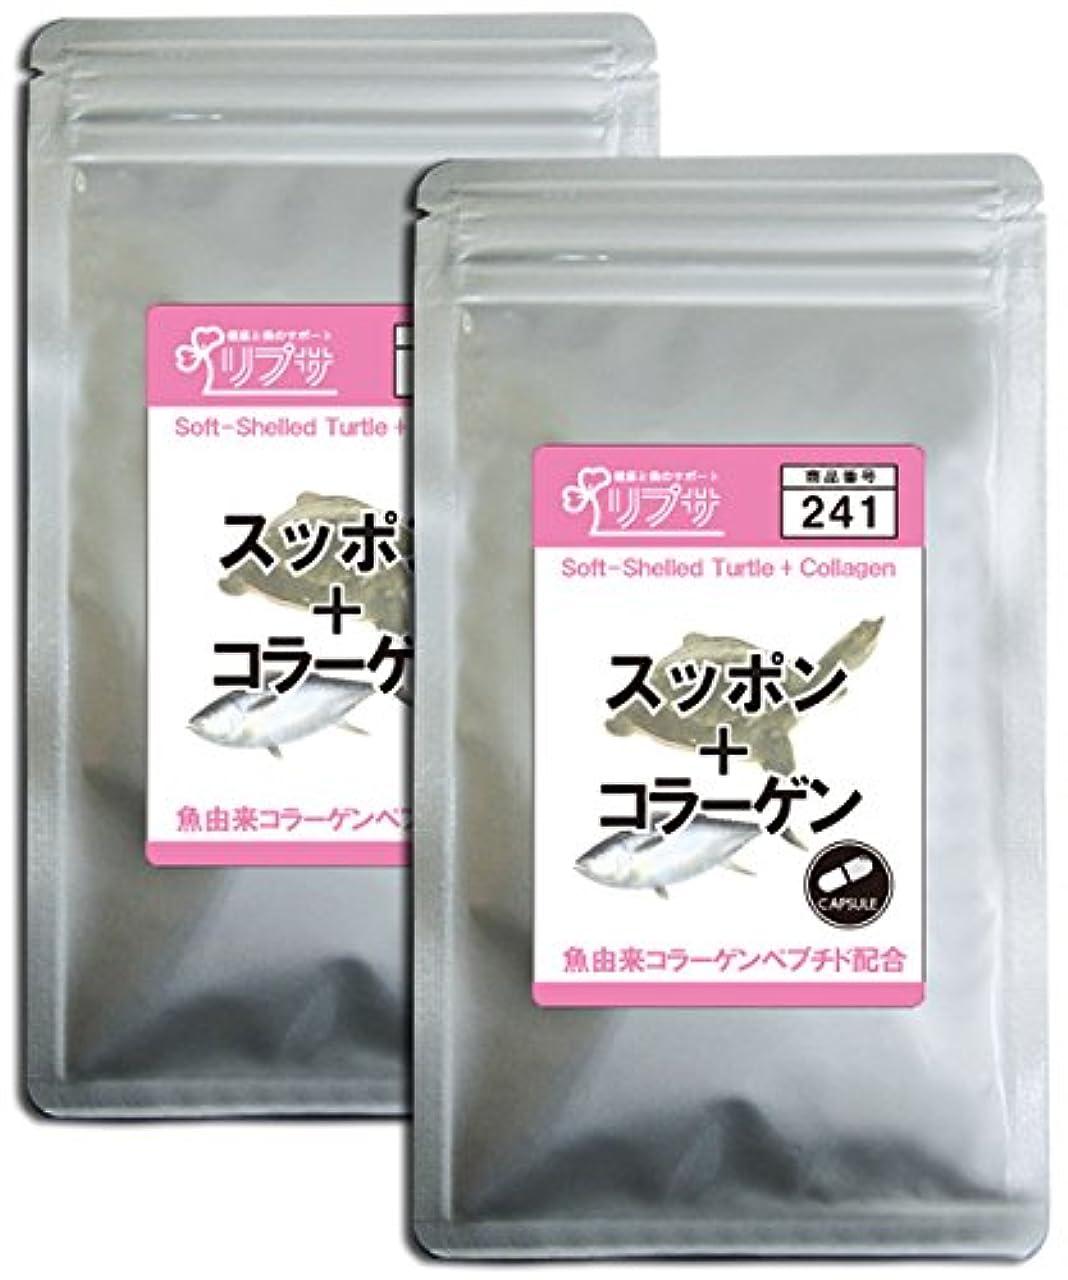 イチゴ海賊ファントムスッポン+コラーゲン 約3か月分×2袋 C-241-2